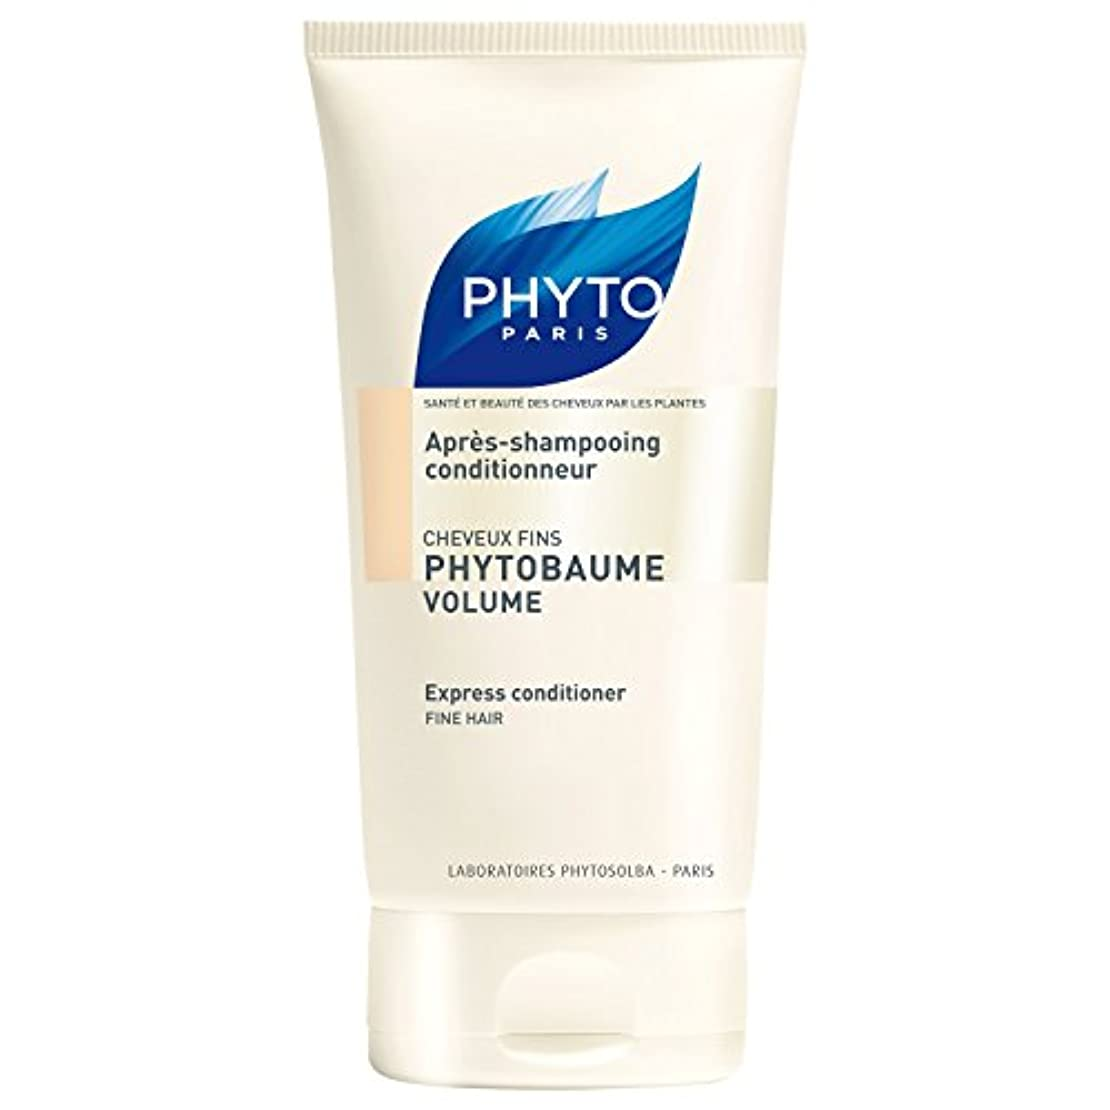 一回水銀のルーム細い髪の150ミリリットルのためのフィトPhytobaumeボリュームエクスプレスコンディショナー (Phyto) (x6) - Phyto Phytobaume Volume Express Conditioner for Fine Hair 150ml (Pack of 6) [並行輸入品]